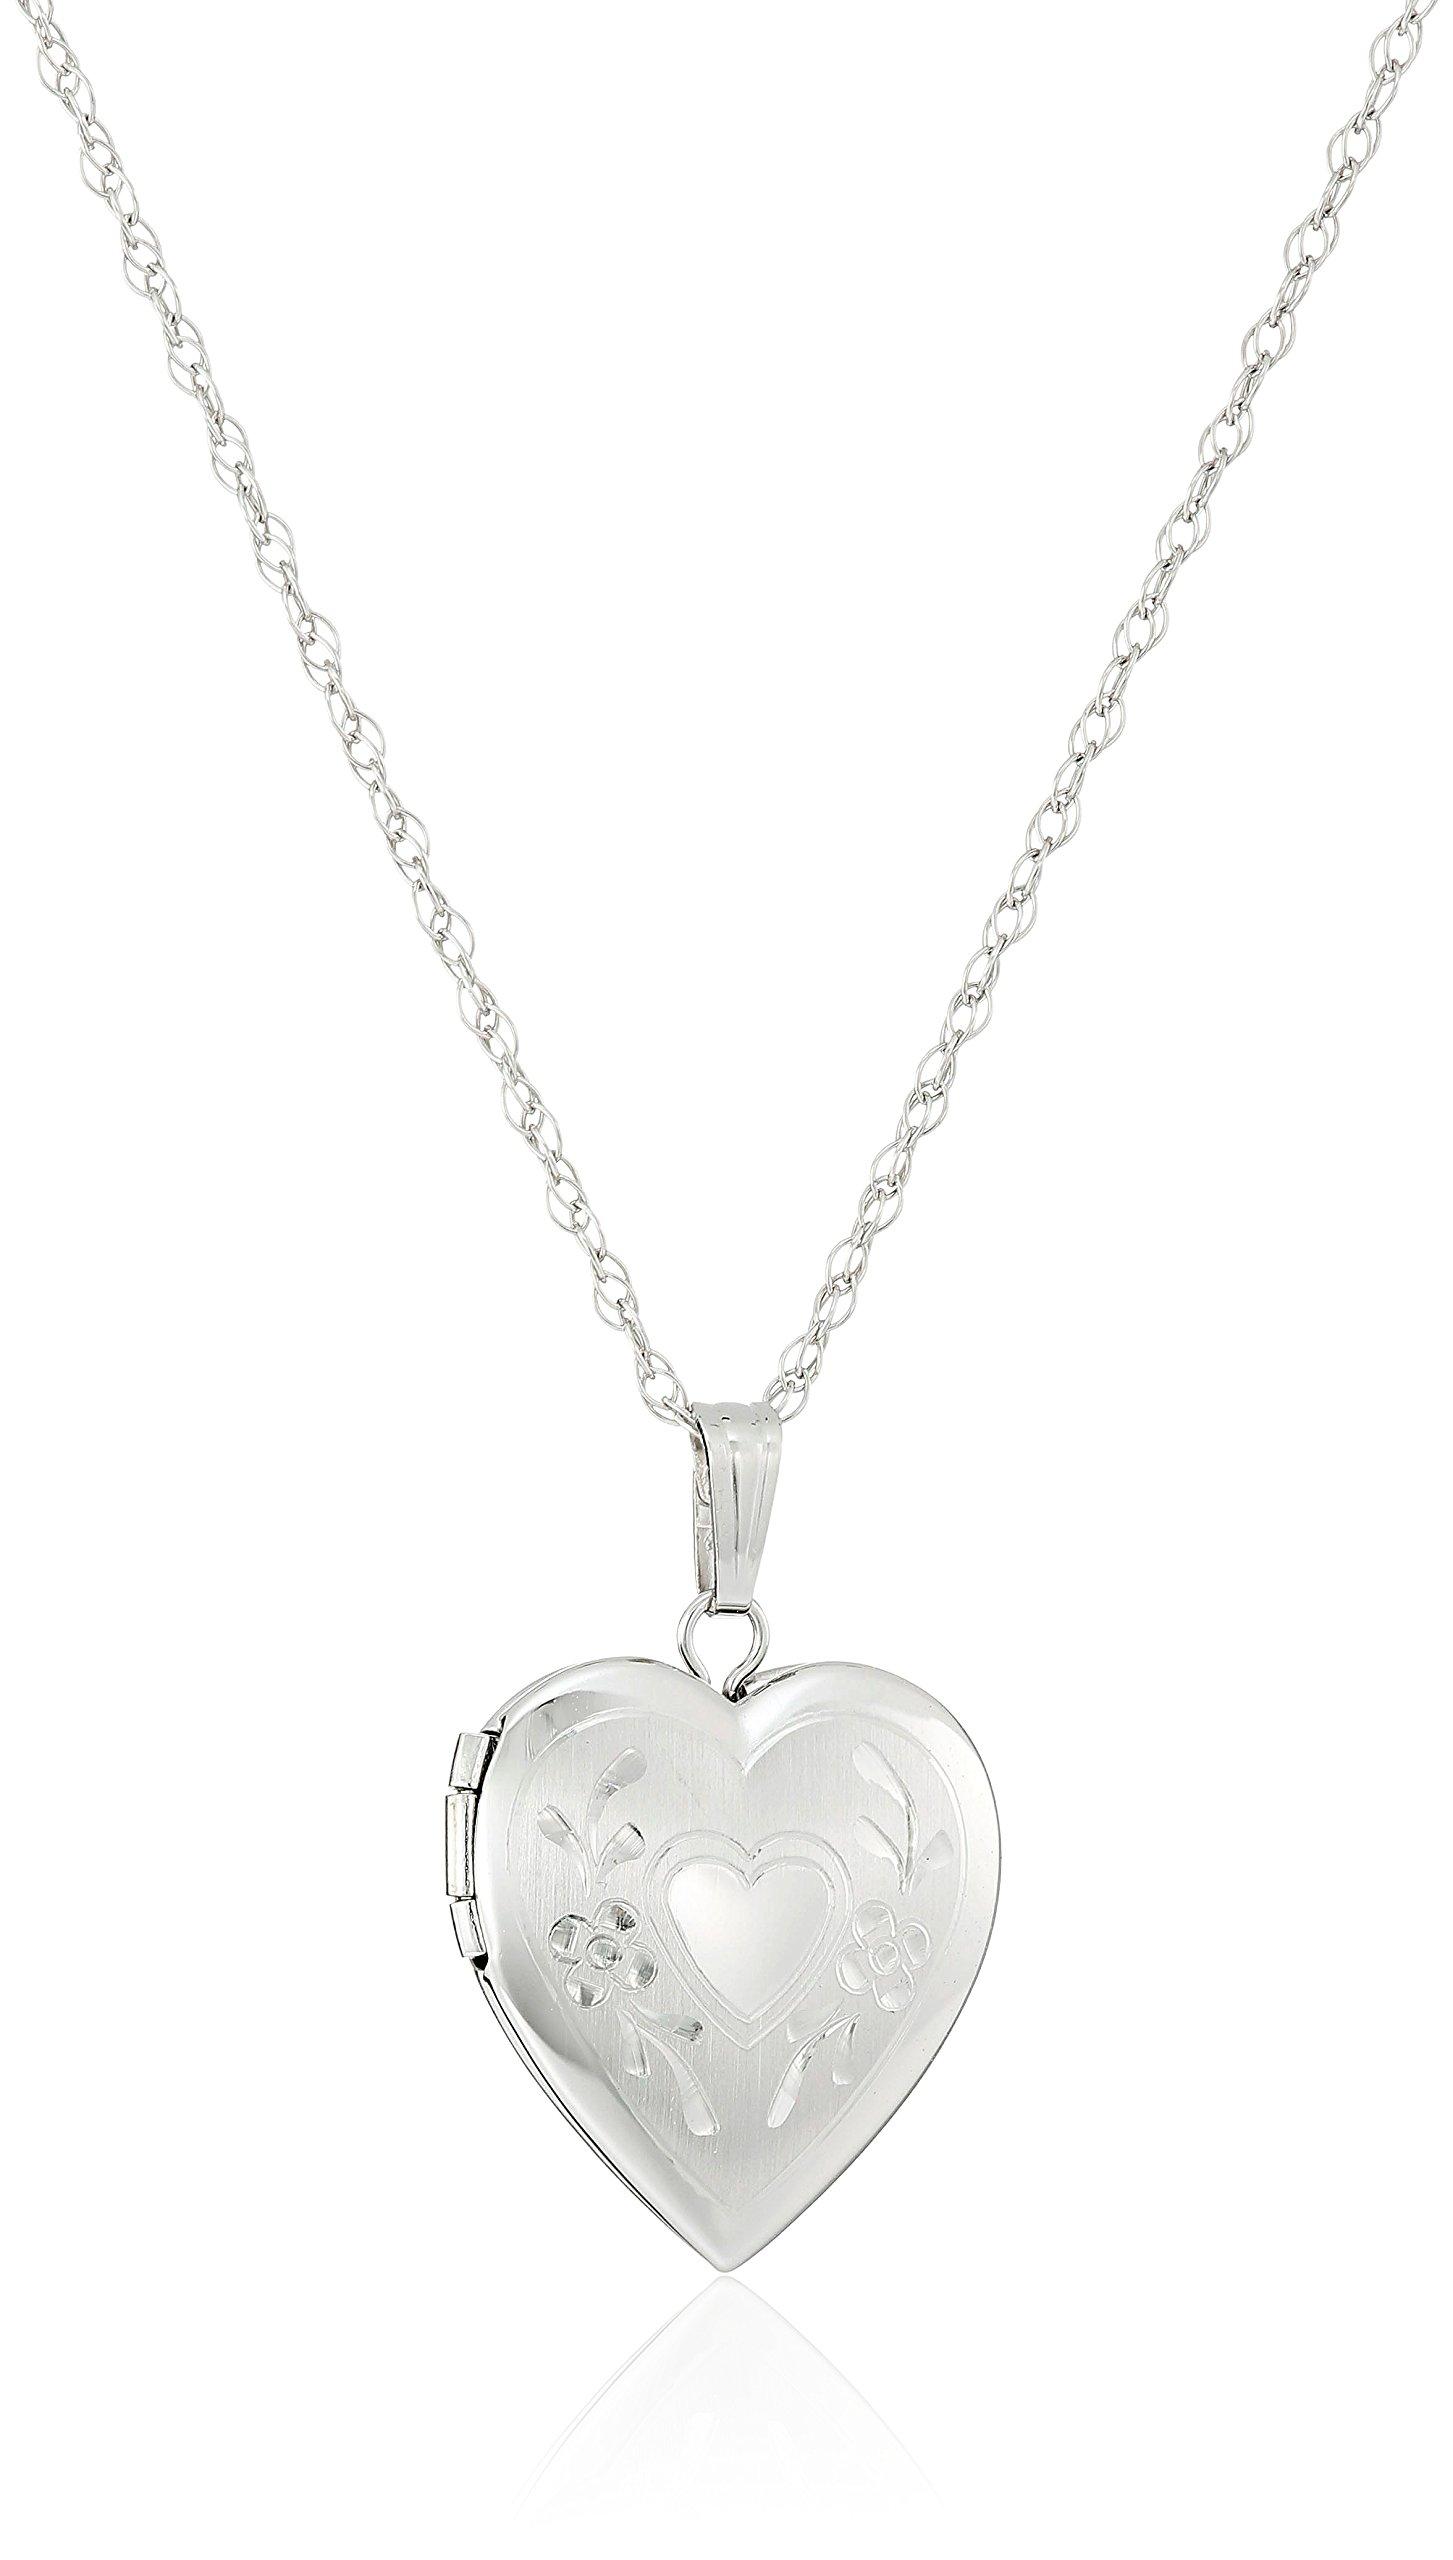 14k White Gold Engraved Heart Locket, 18''